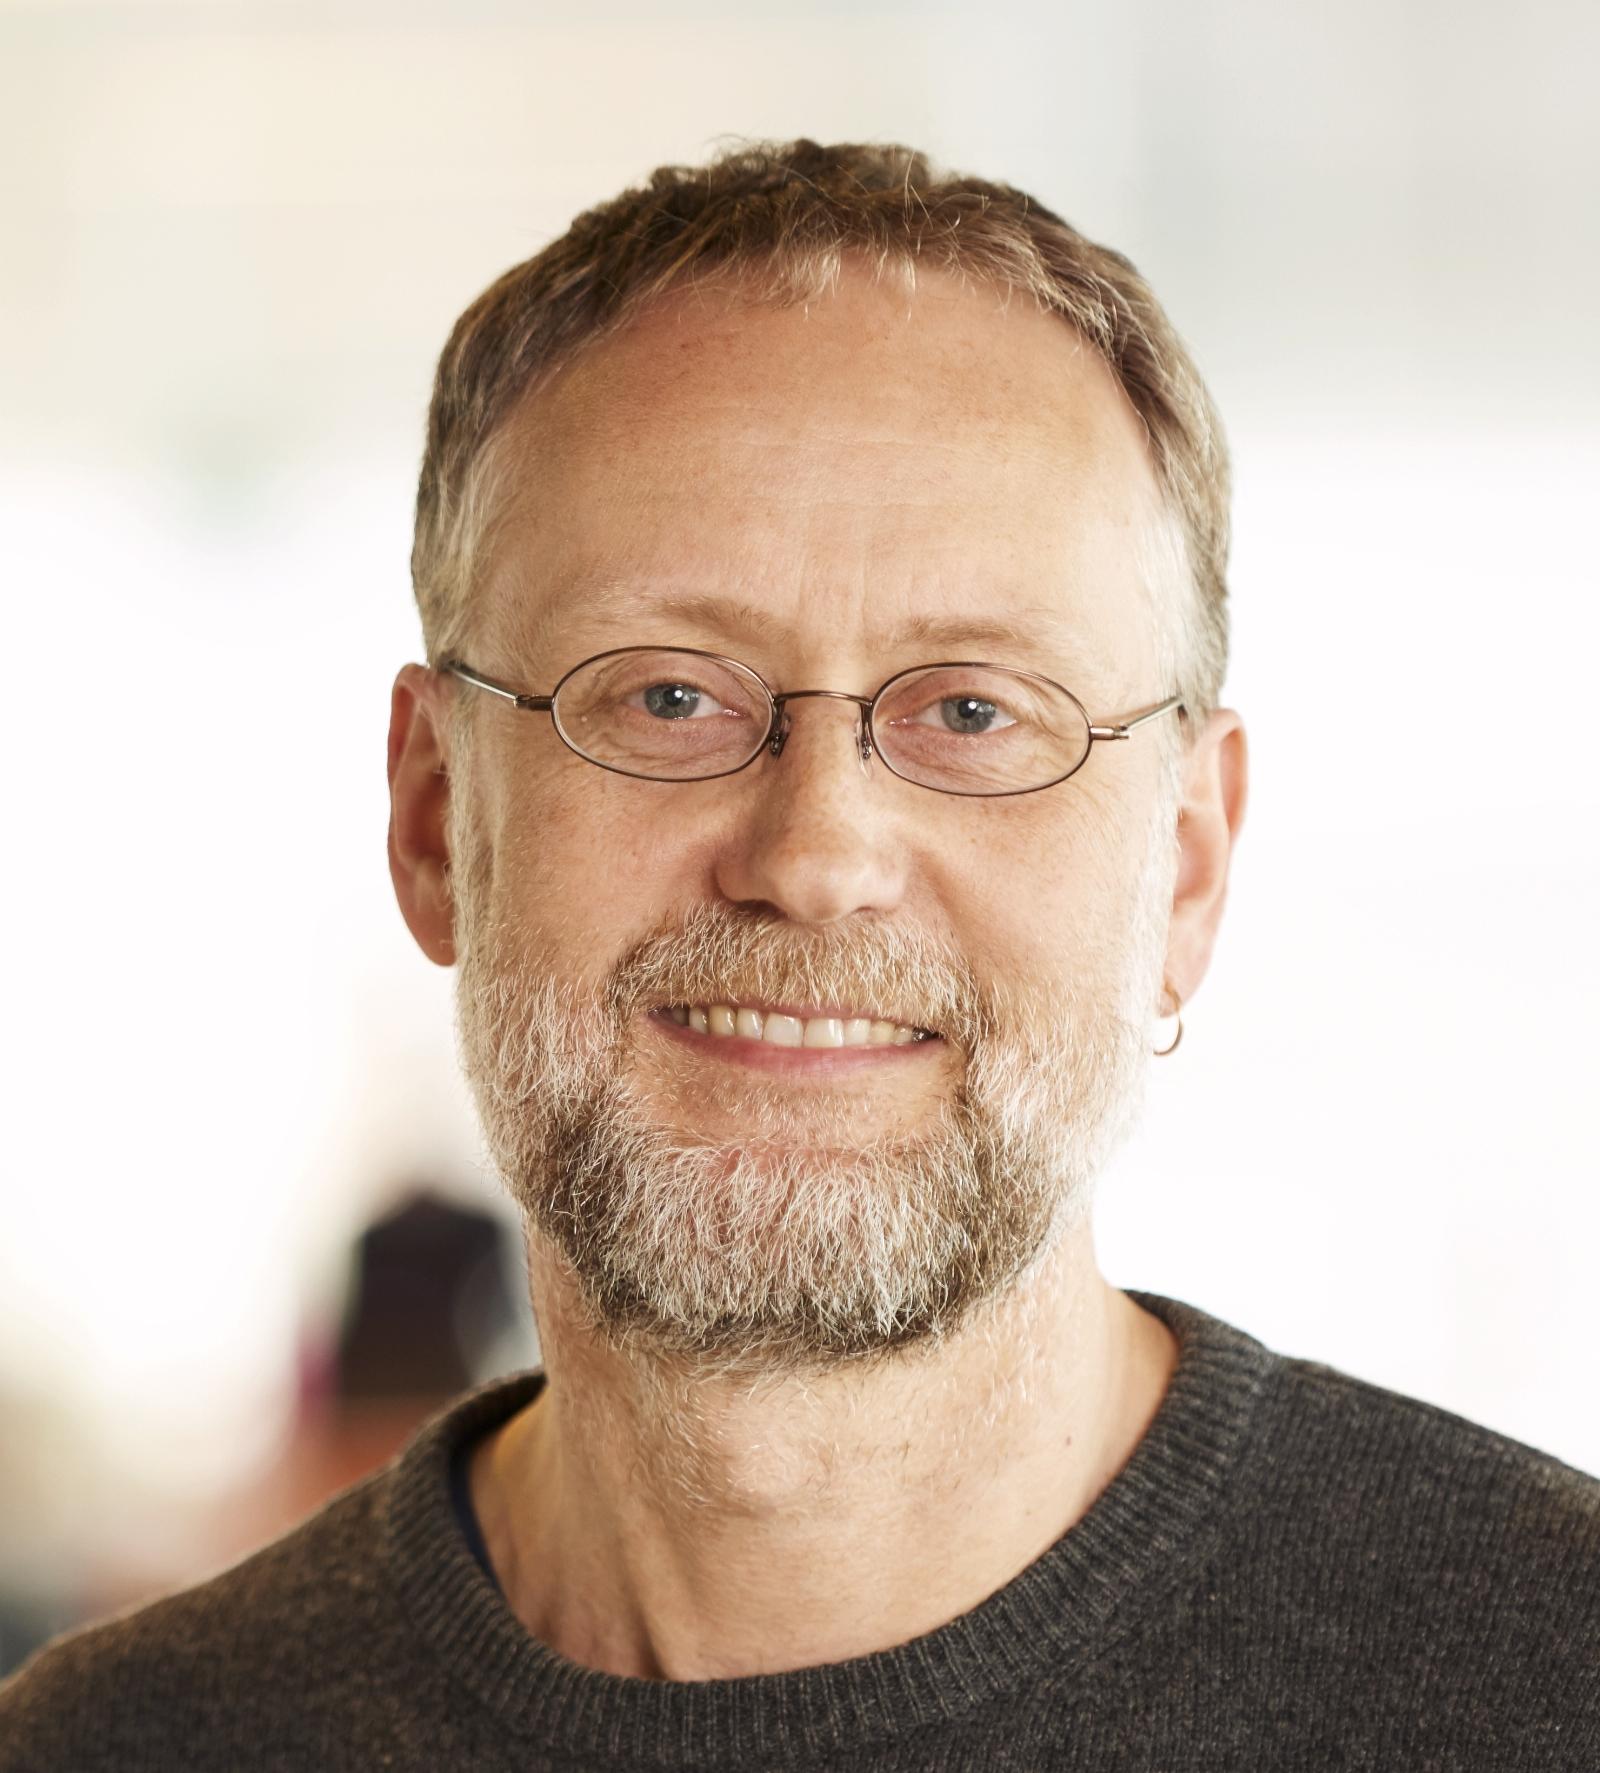 Henrik Bærbak Christensen